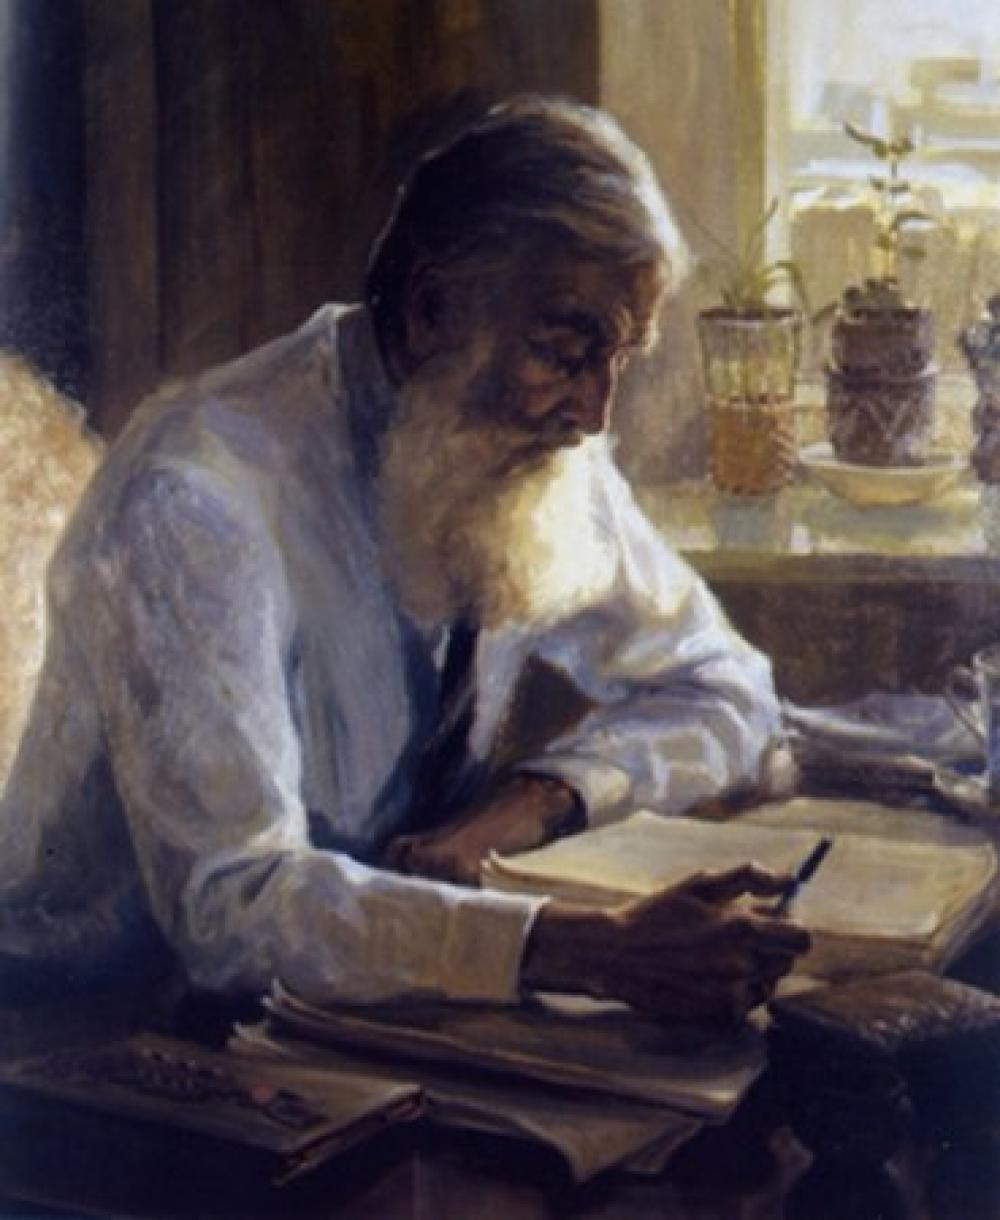 Вишняк М.В. Олег Васильевич Волков.1986 год